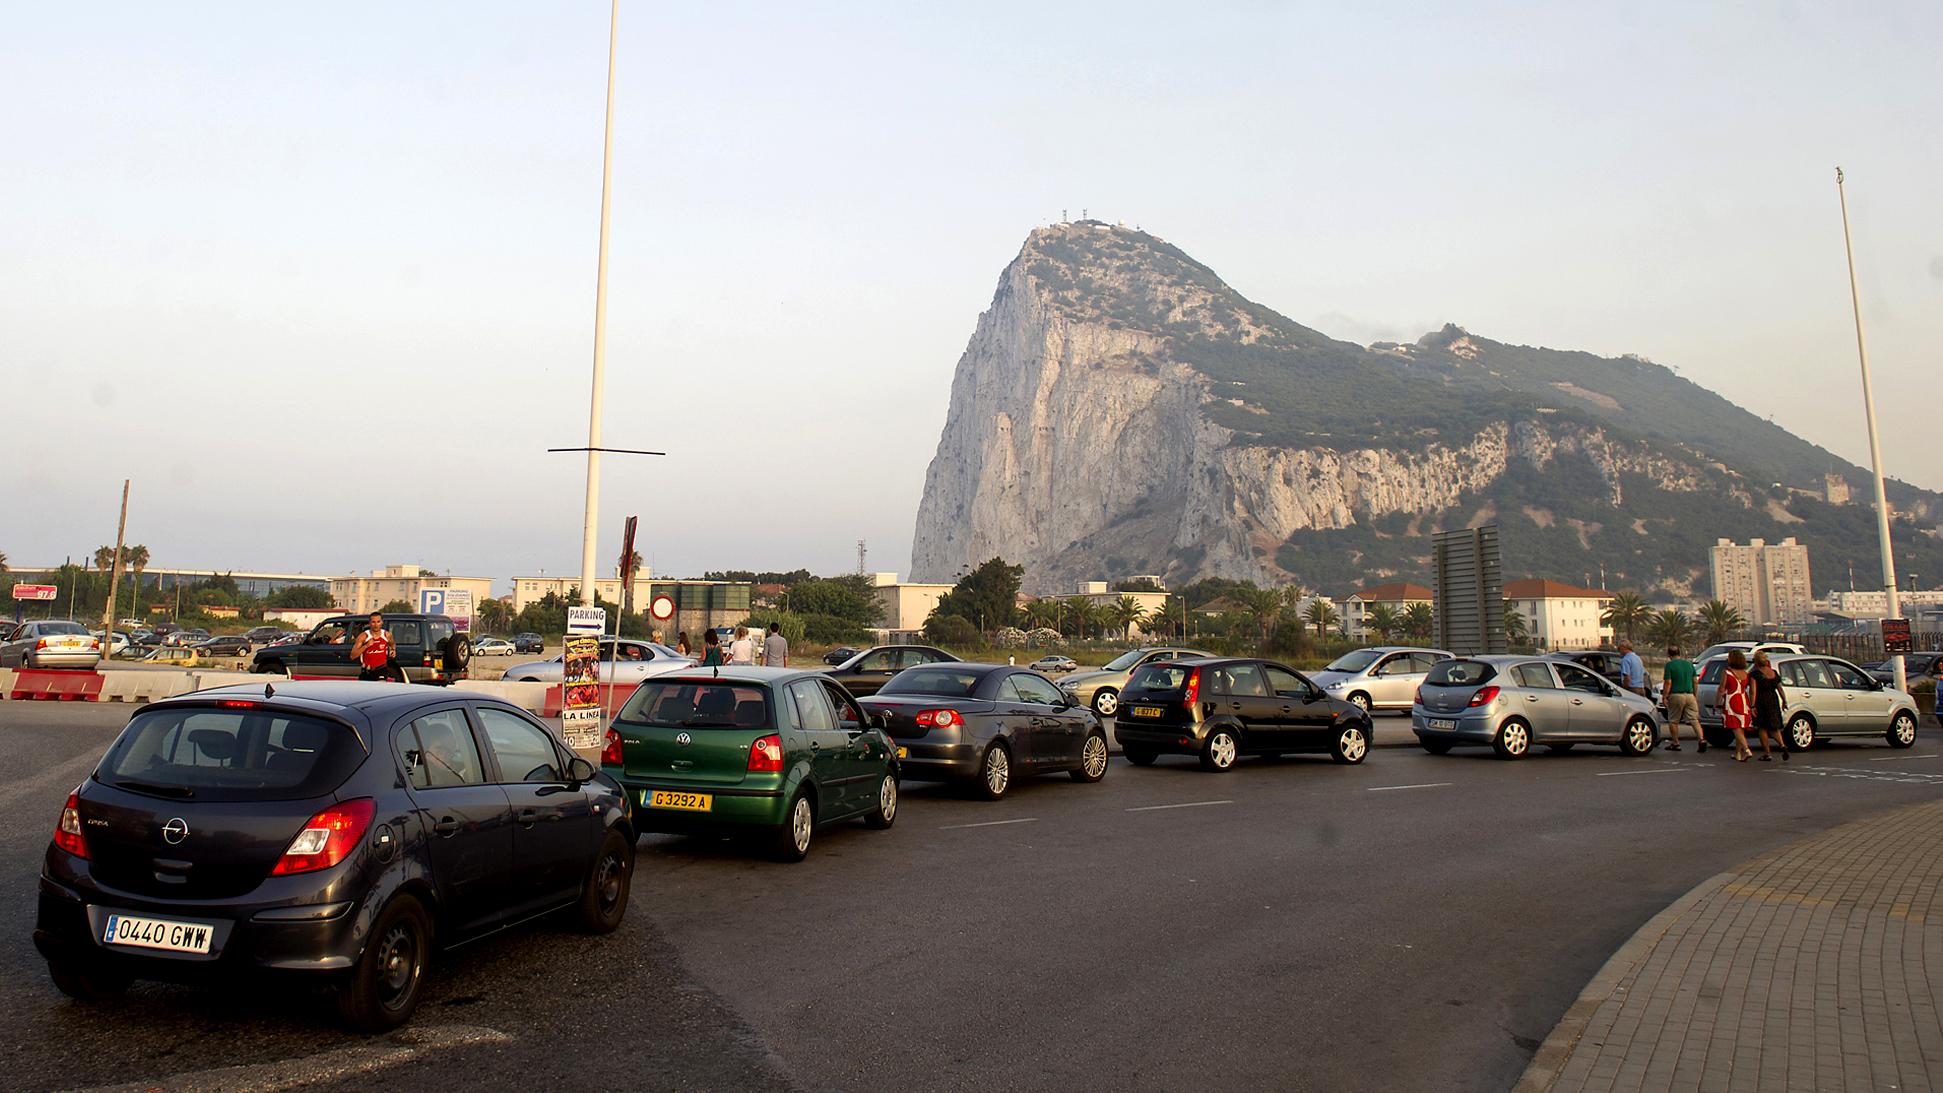 Carros espanhóis fazem fila diante da Rocha de Gibraltar para entrar no território britânico (AP Photo/Marcos Moreno)